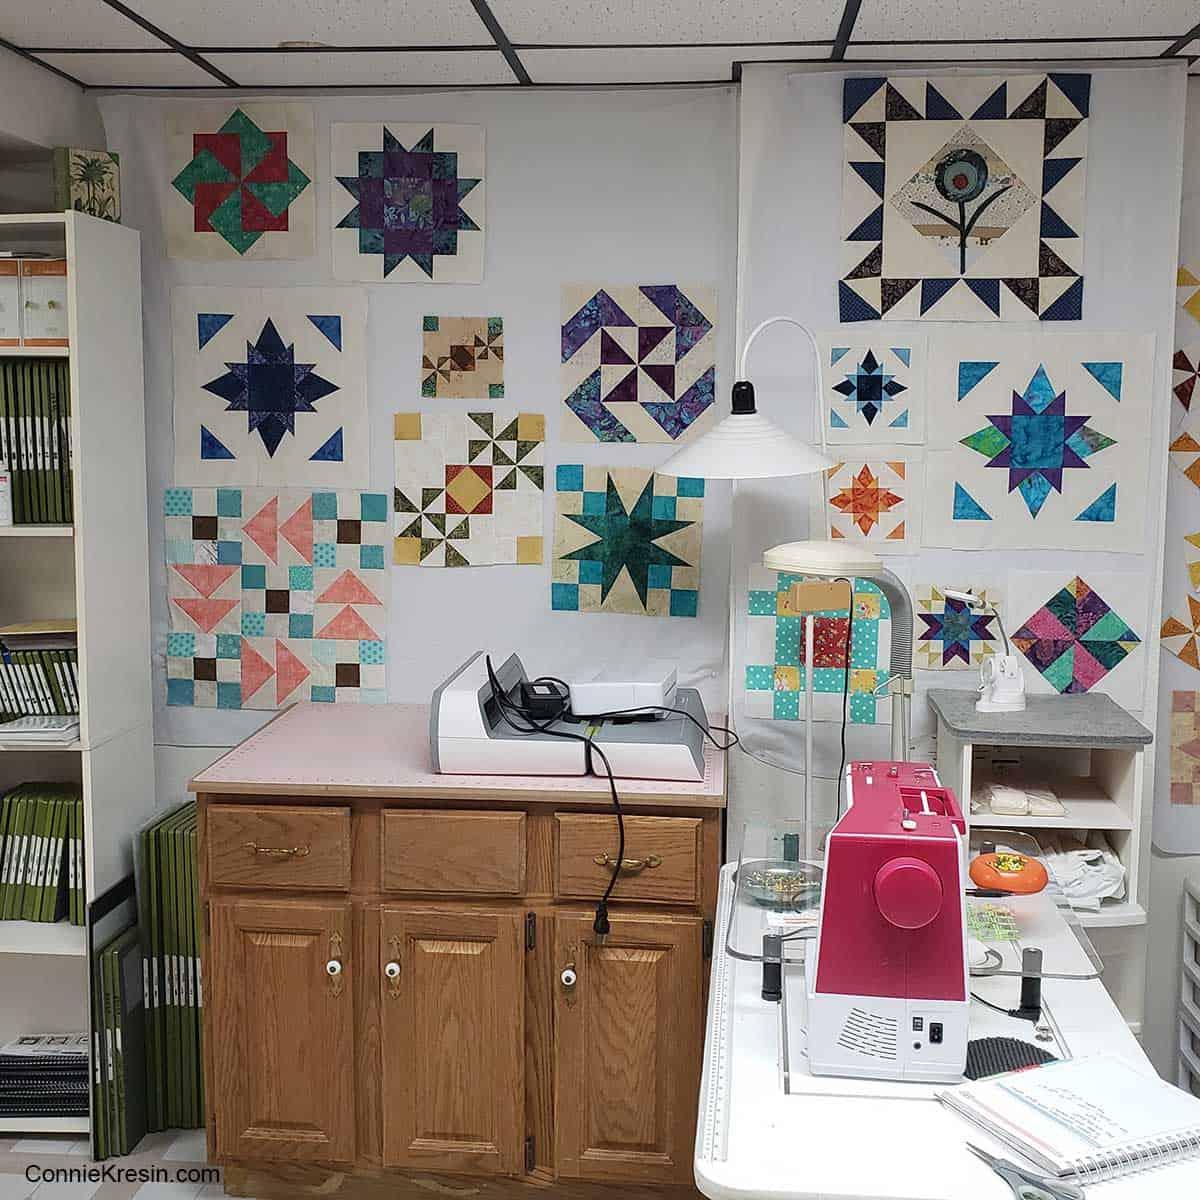 second design wall behind AccuQuilt Go cutting machine